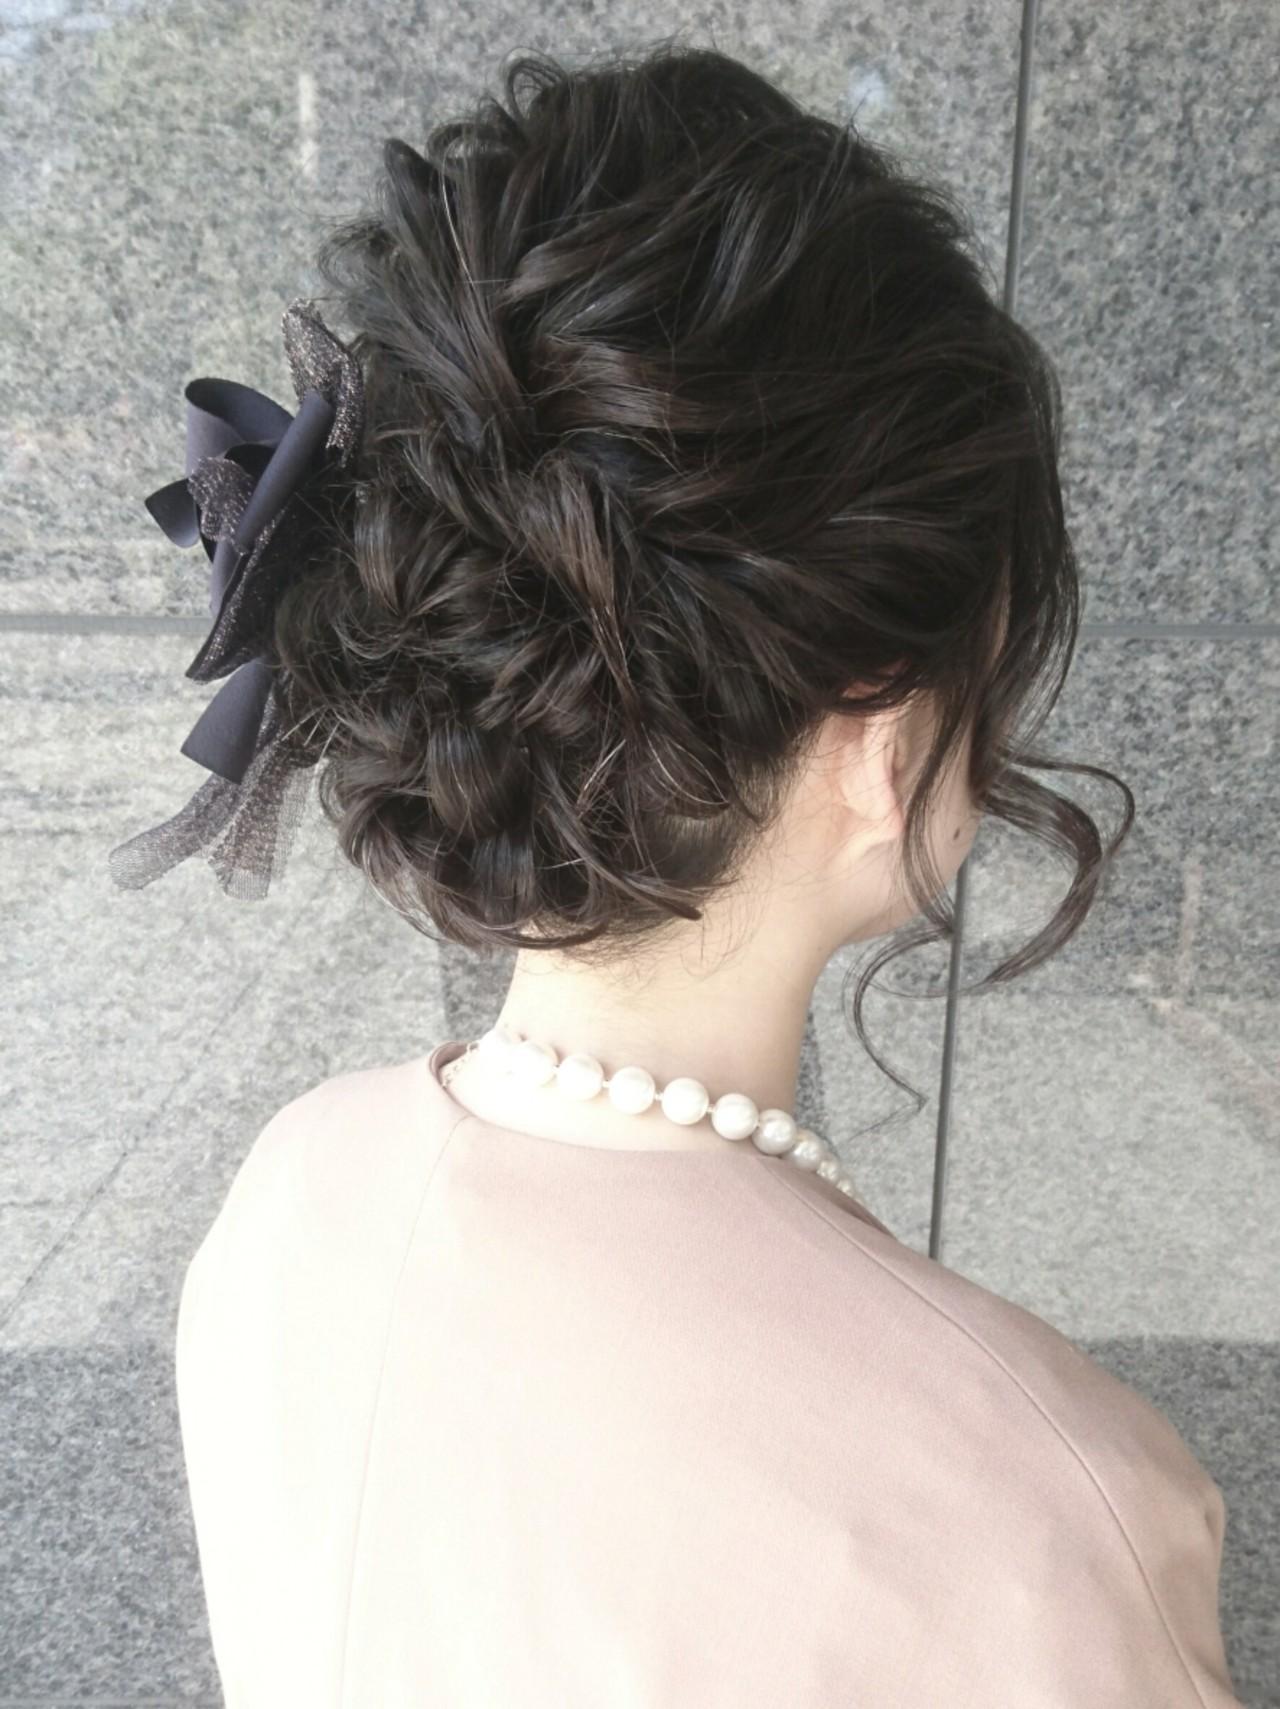 セミロング ハーフアップ ヘアアレンジ ショート ヘアスタイルや髪型の写真・画像 | 島田 和也 / hair&spa feliceMICHI